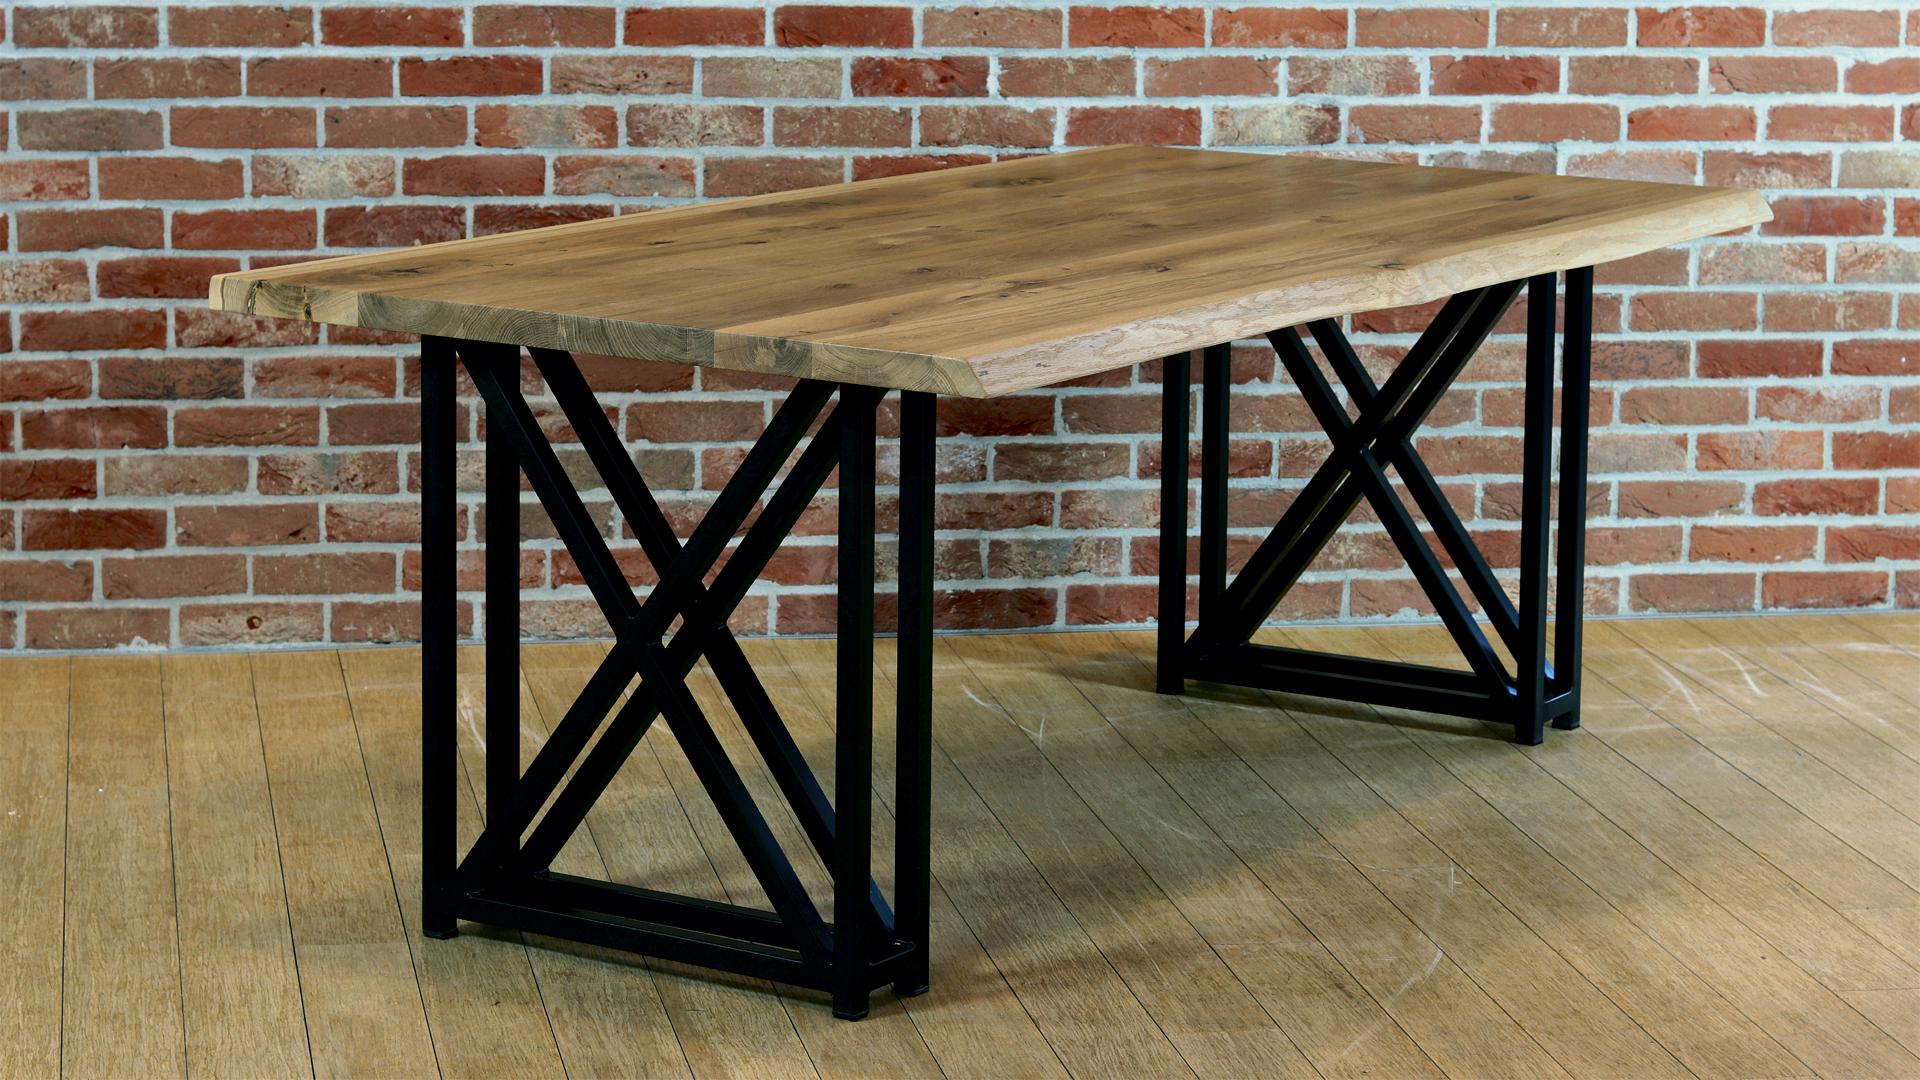 Loftowy stół drewniany